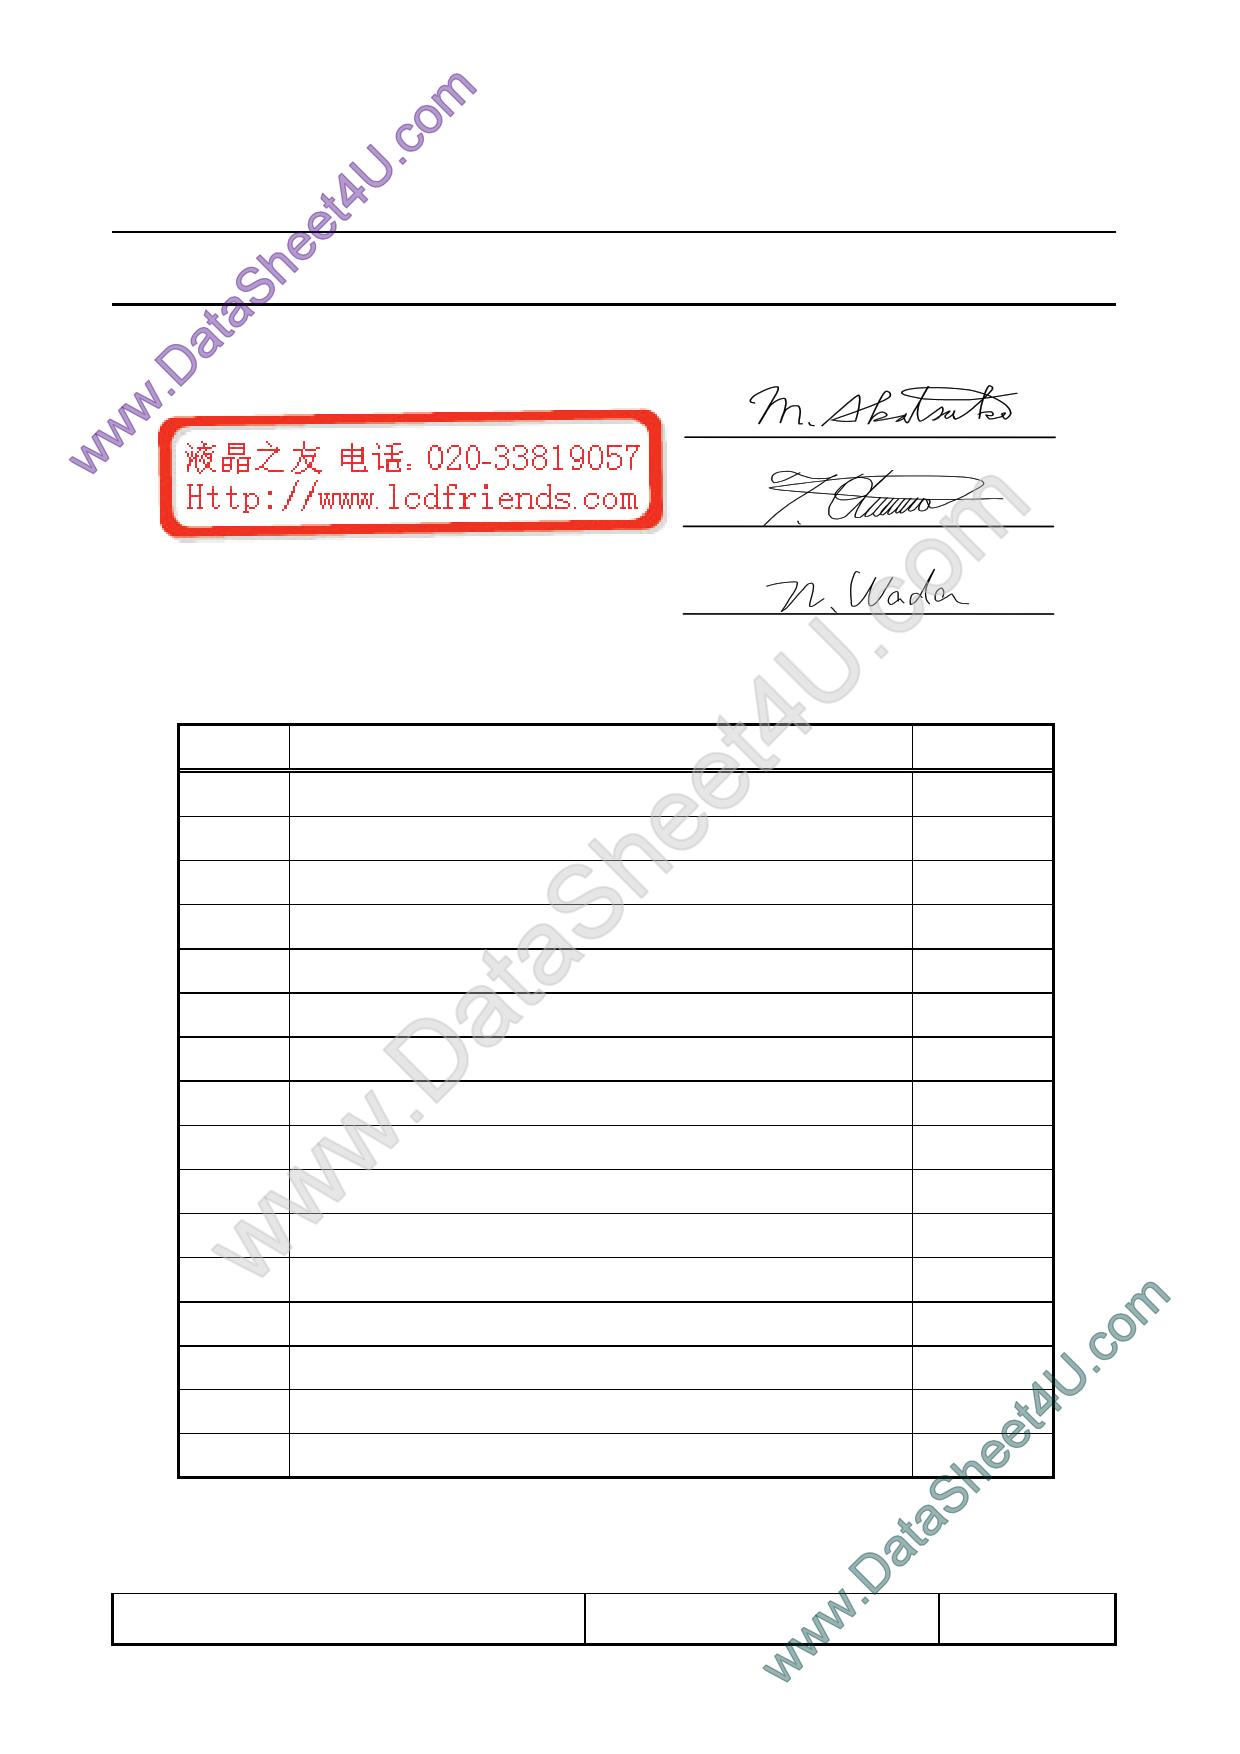 T-51512D121J-FE-A-AC datasheet